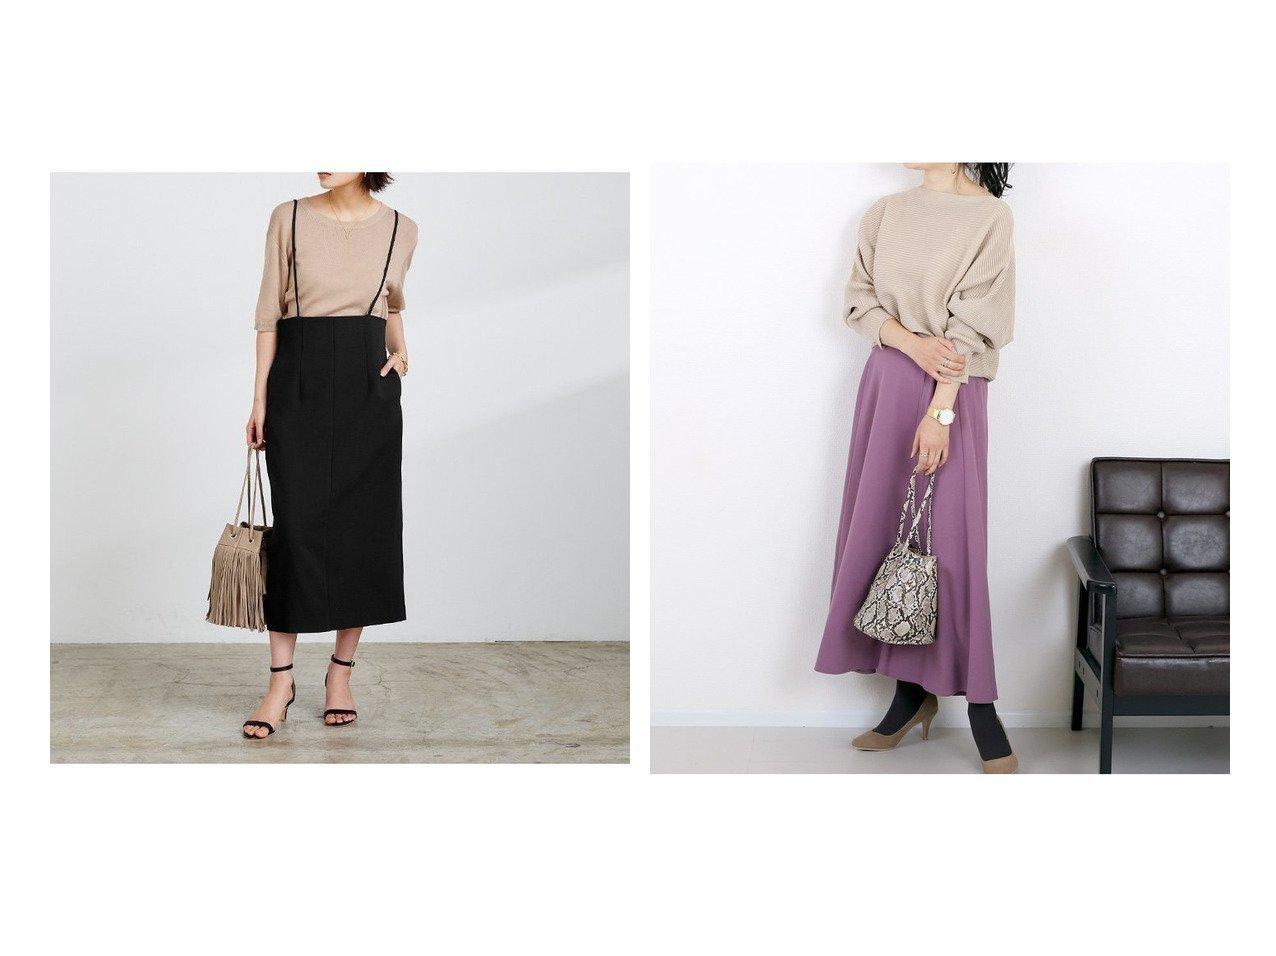 【Aletta Vita/アレッタ】のカットポンチフレアスカート&【ur's/ユアーズ】のサロペットタイトスカート スカートのおすすめ!人気、トレンド・レディースファッションの通販  おすすめで人気の流行・トレンド、ファッションの通販商品 メンズファッション・キッズファッション・インテリア・家具・レディースファッション・服の通販 founy(ファニー) https://founy.com/ ファッション Fashion レディースファッション WOMEN スカート Skirt Aライン/フレアスカート Flared A-Line Skirts インナー シェイプ ストレッチ タイトスカート 人気 ギャザー ドレープ フレア  ID:crp329100000019230